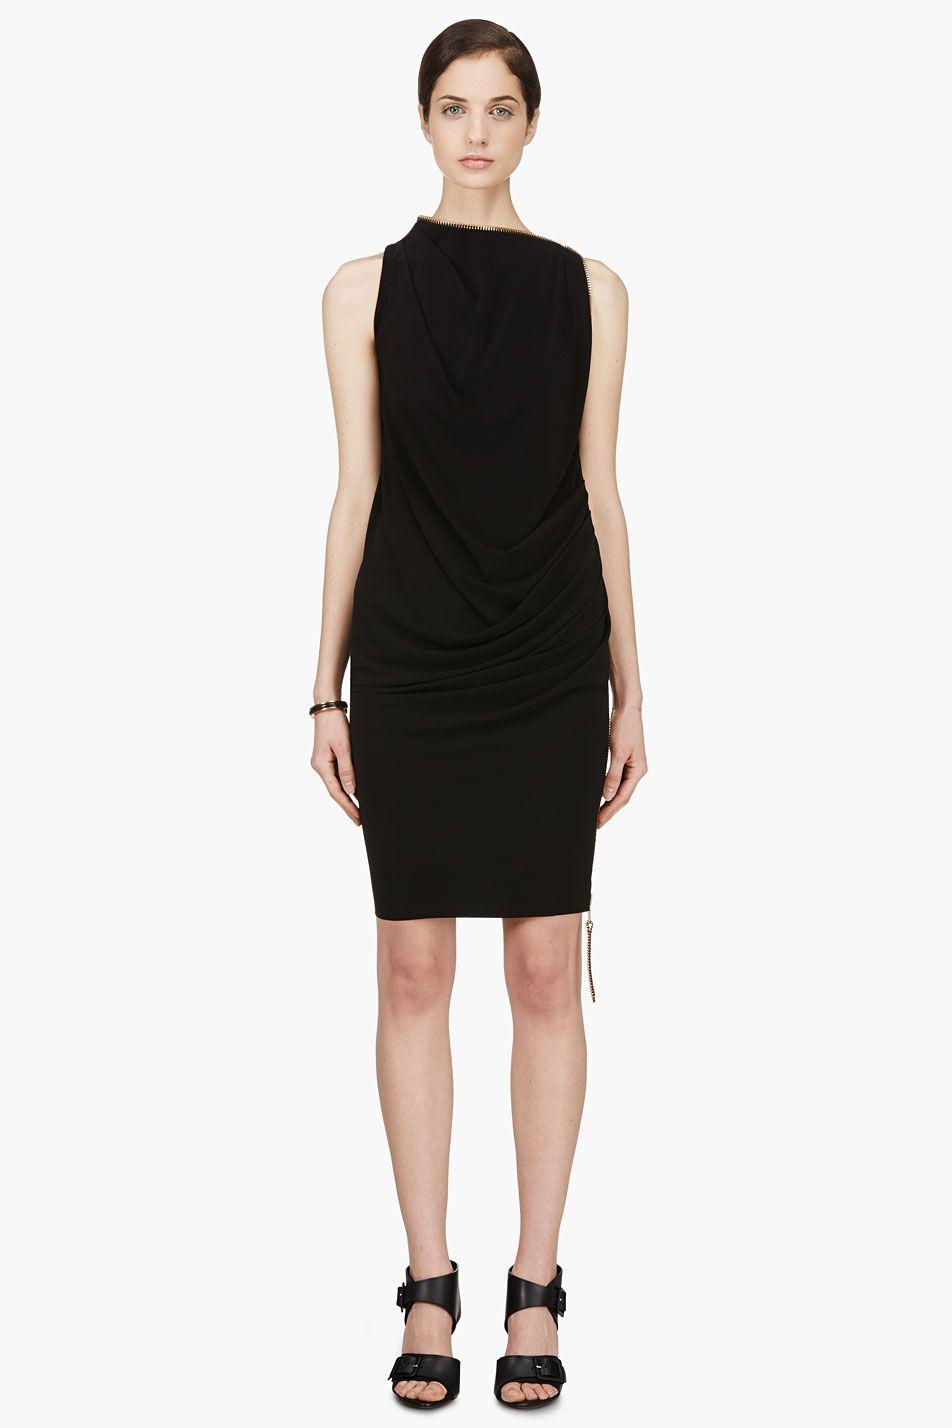 Denis gagnon black jersey zipper dress womenus pinterest